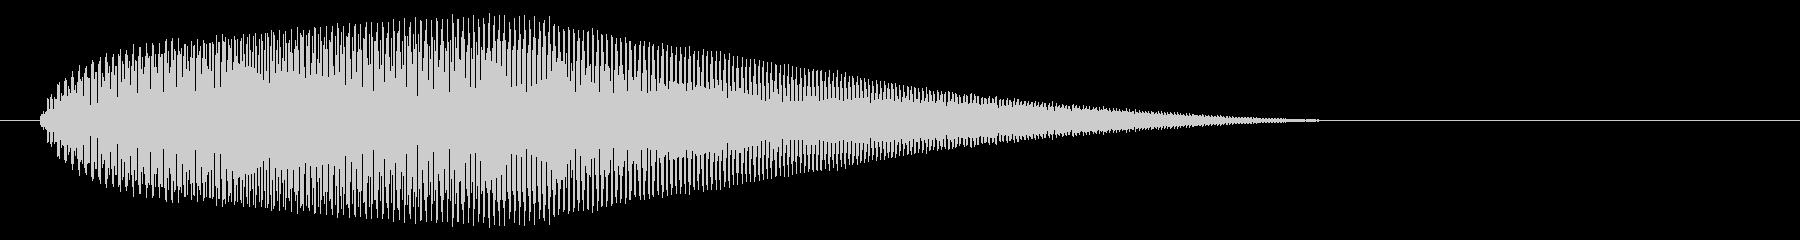 【ピヨーン】ファミコン系ジャンプ音_04の未再生の波形